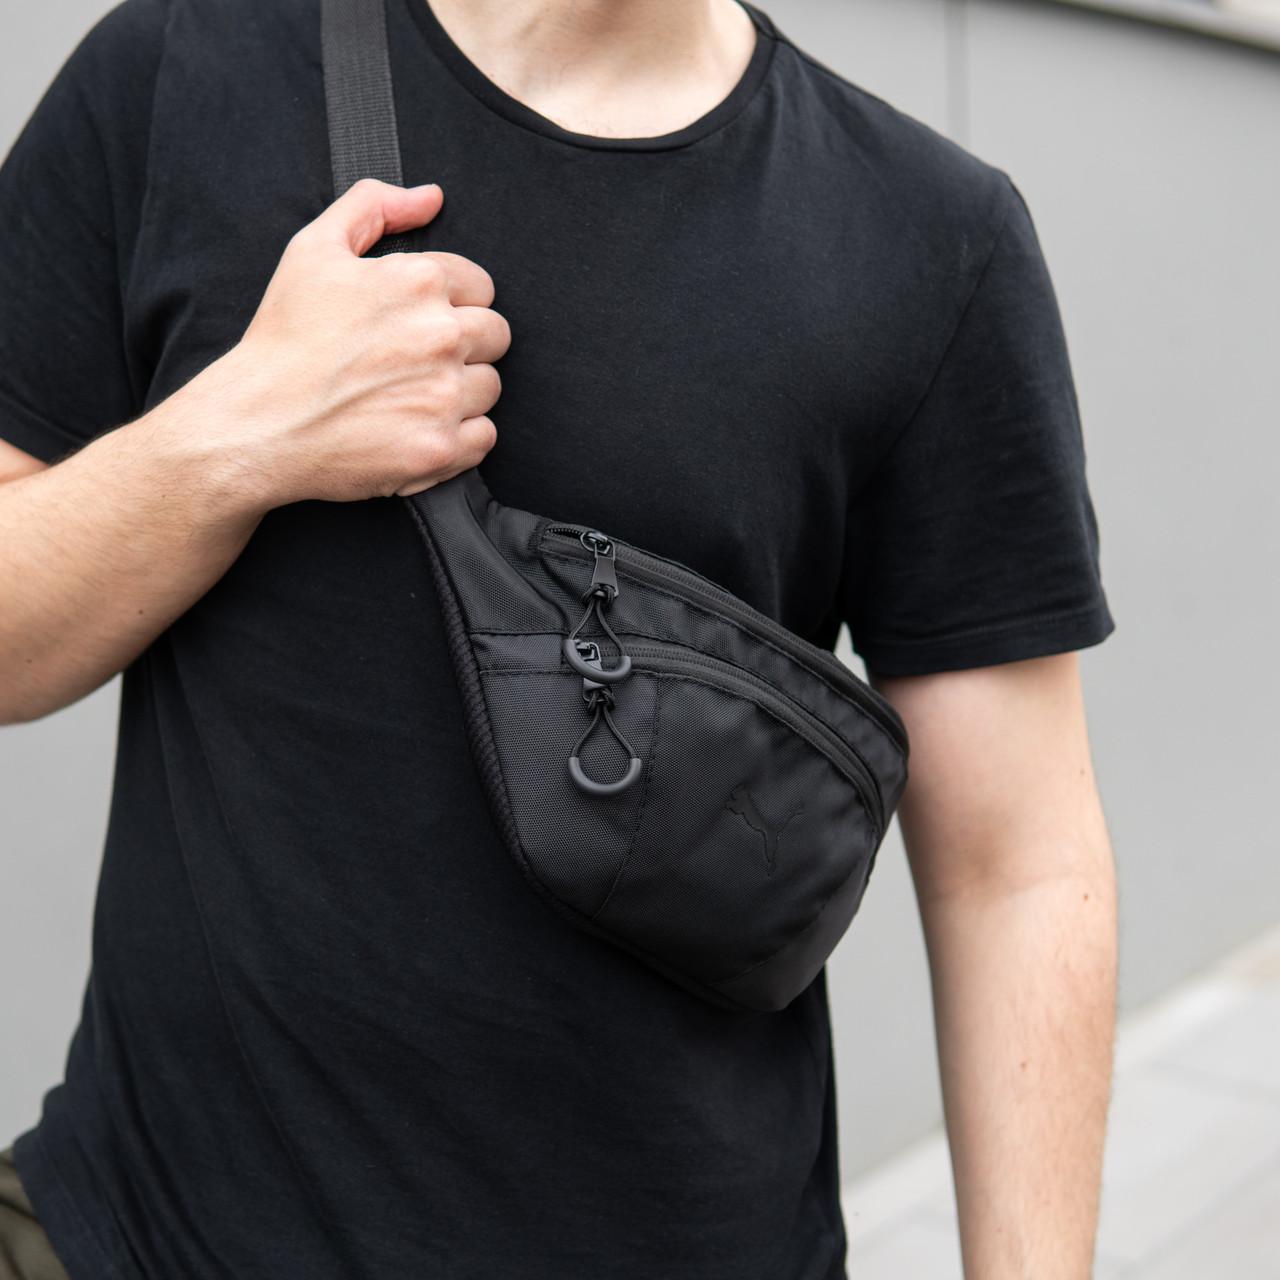 Поясная сумка большая Puma Intertool черная